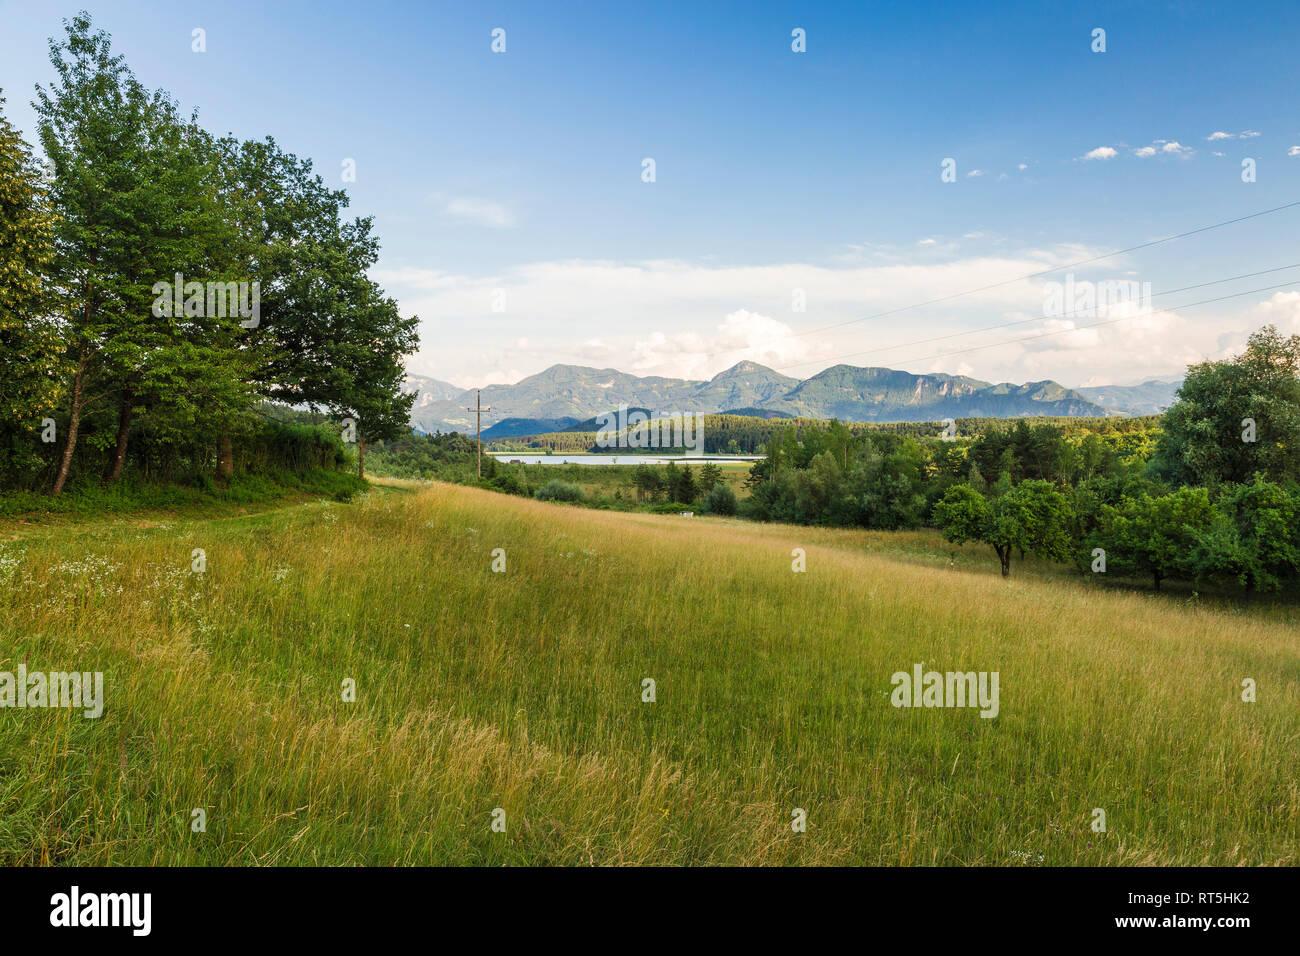 Austria, Carinthia, Lake Turner, View to Slovenia - Stock Image